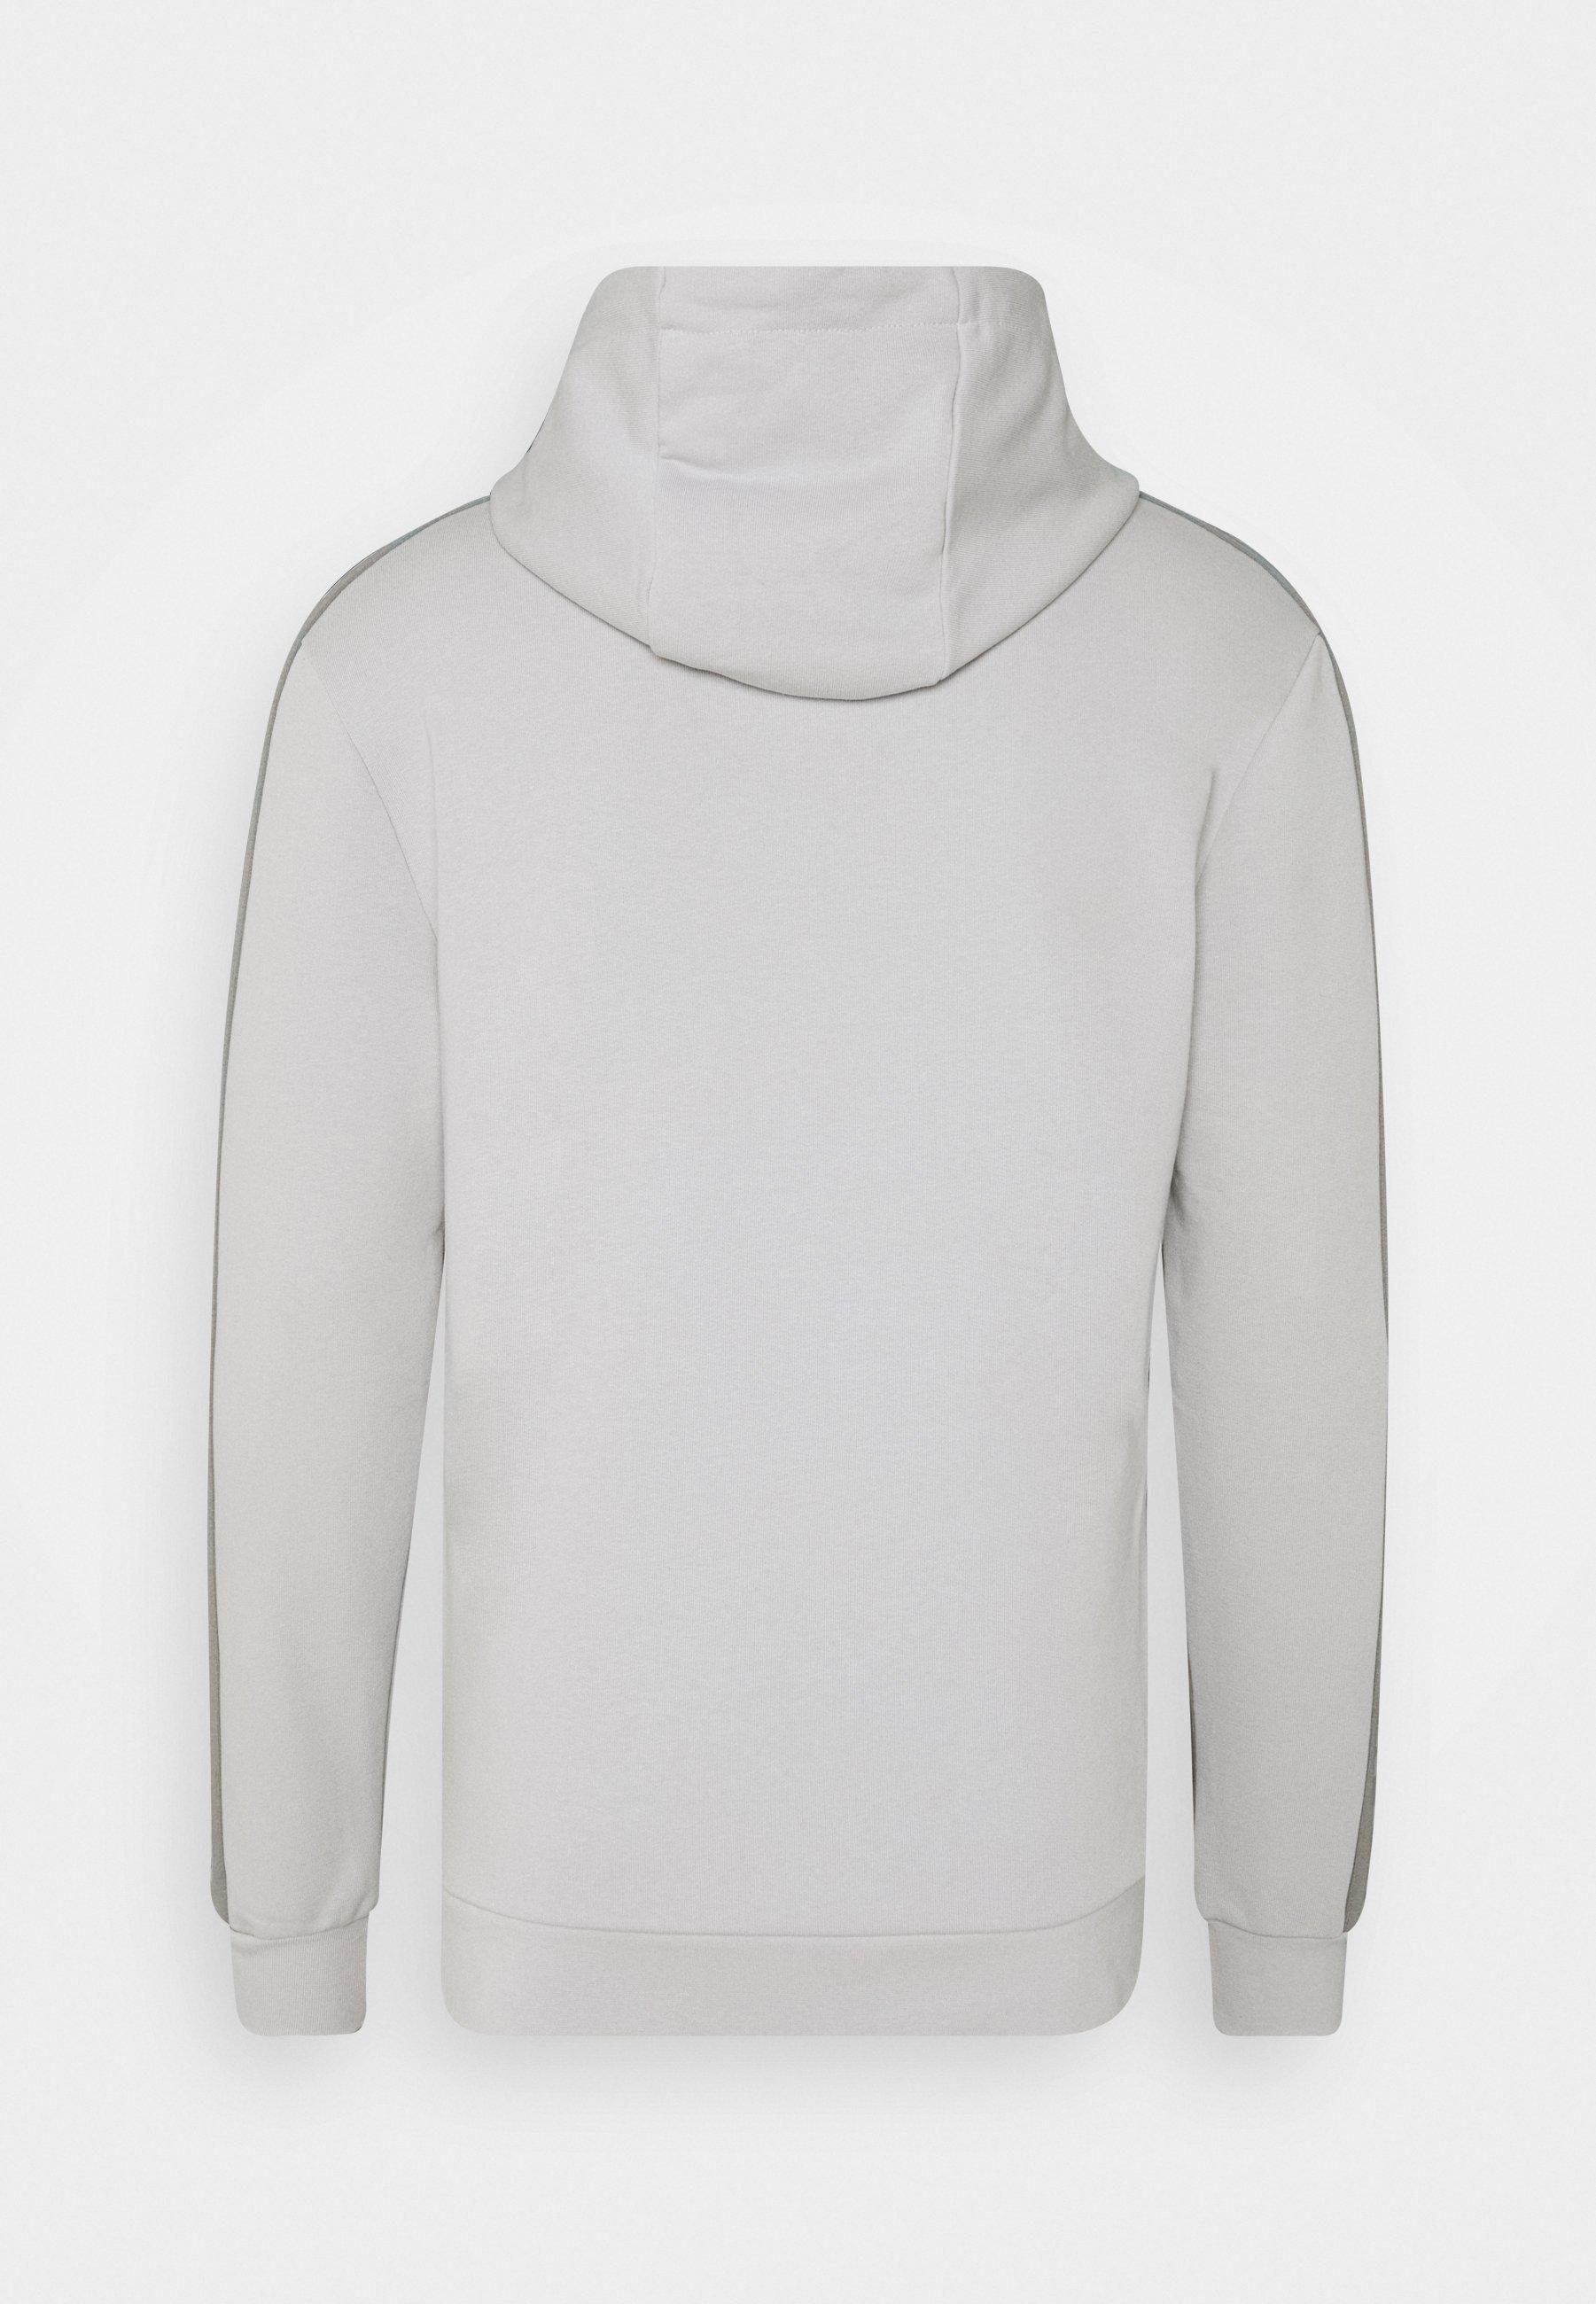 11 Degrees Radar Hoodie - Bluza Z Kapturem Vapour Grey